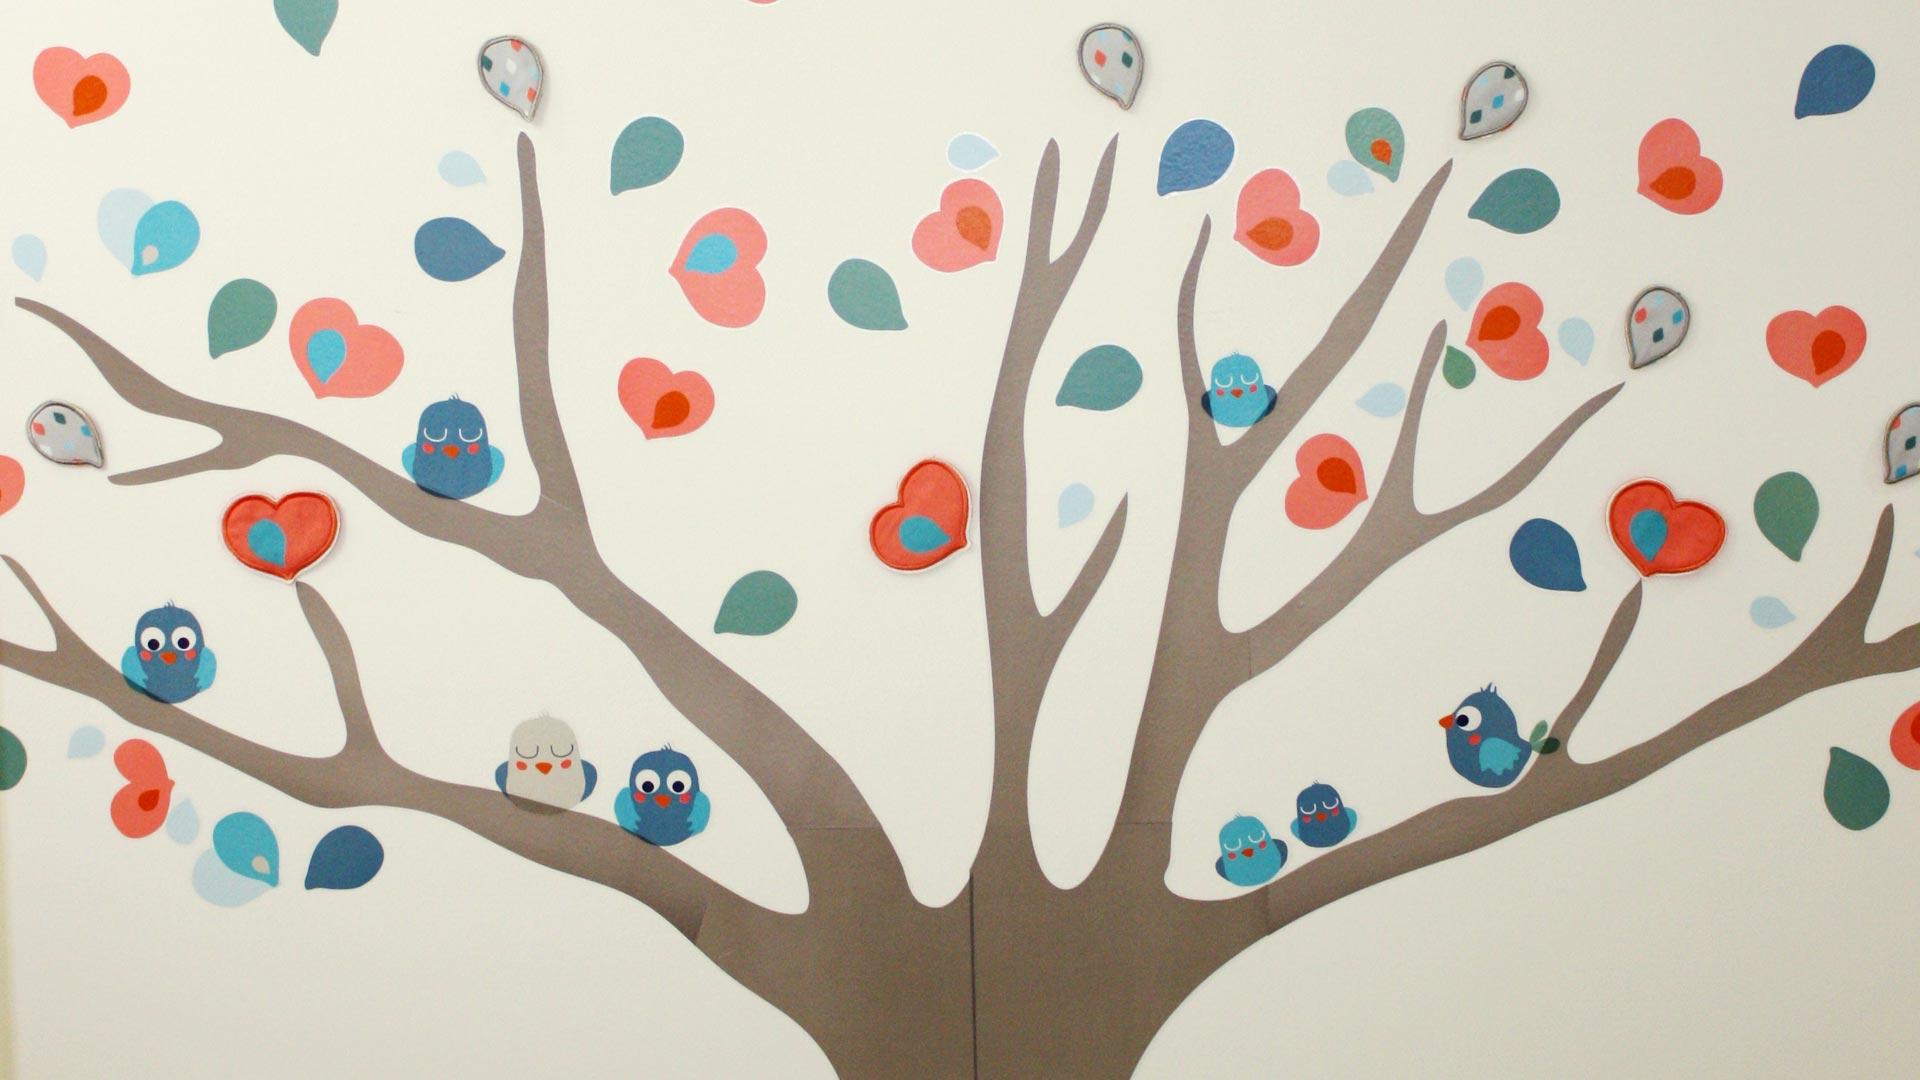 Detalle de dibujo en la pared - Imagen de galería del Centro de Educación Infantil Gibralfaro